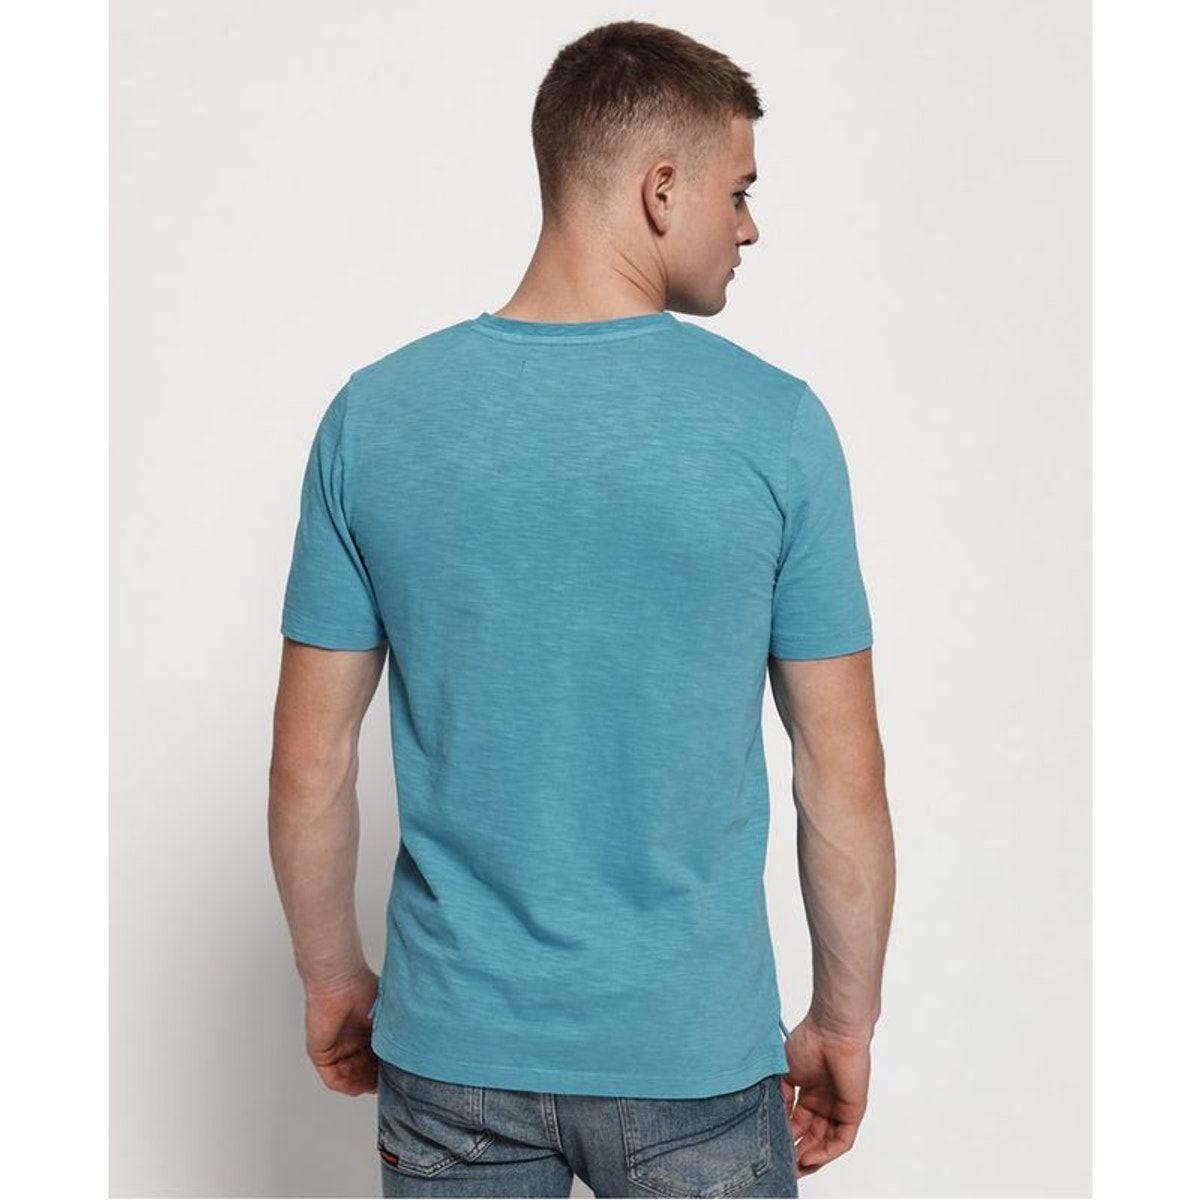 T shirt Manches Courtes Et Col En V Dry Originals Taille